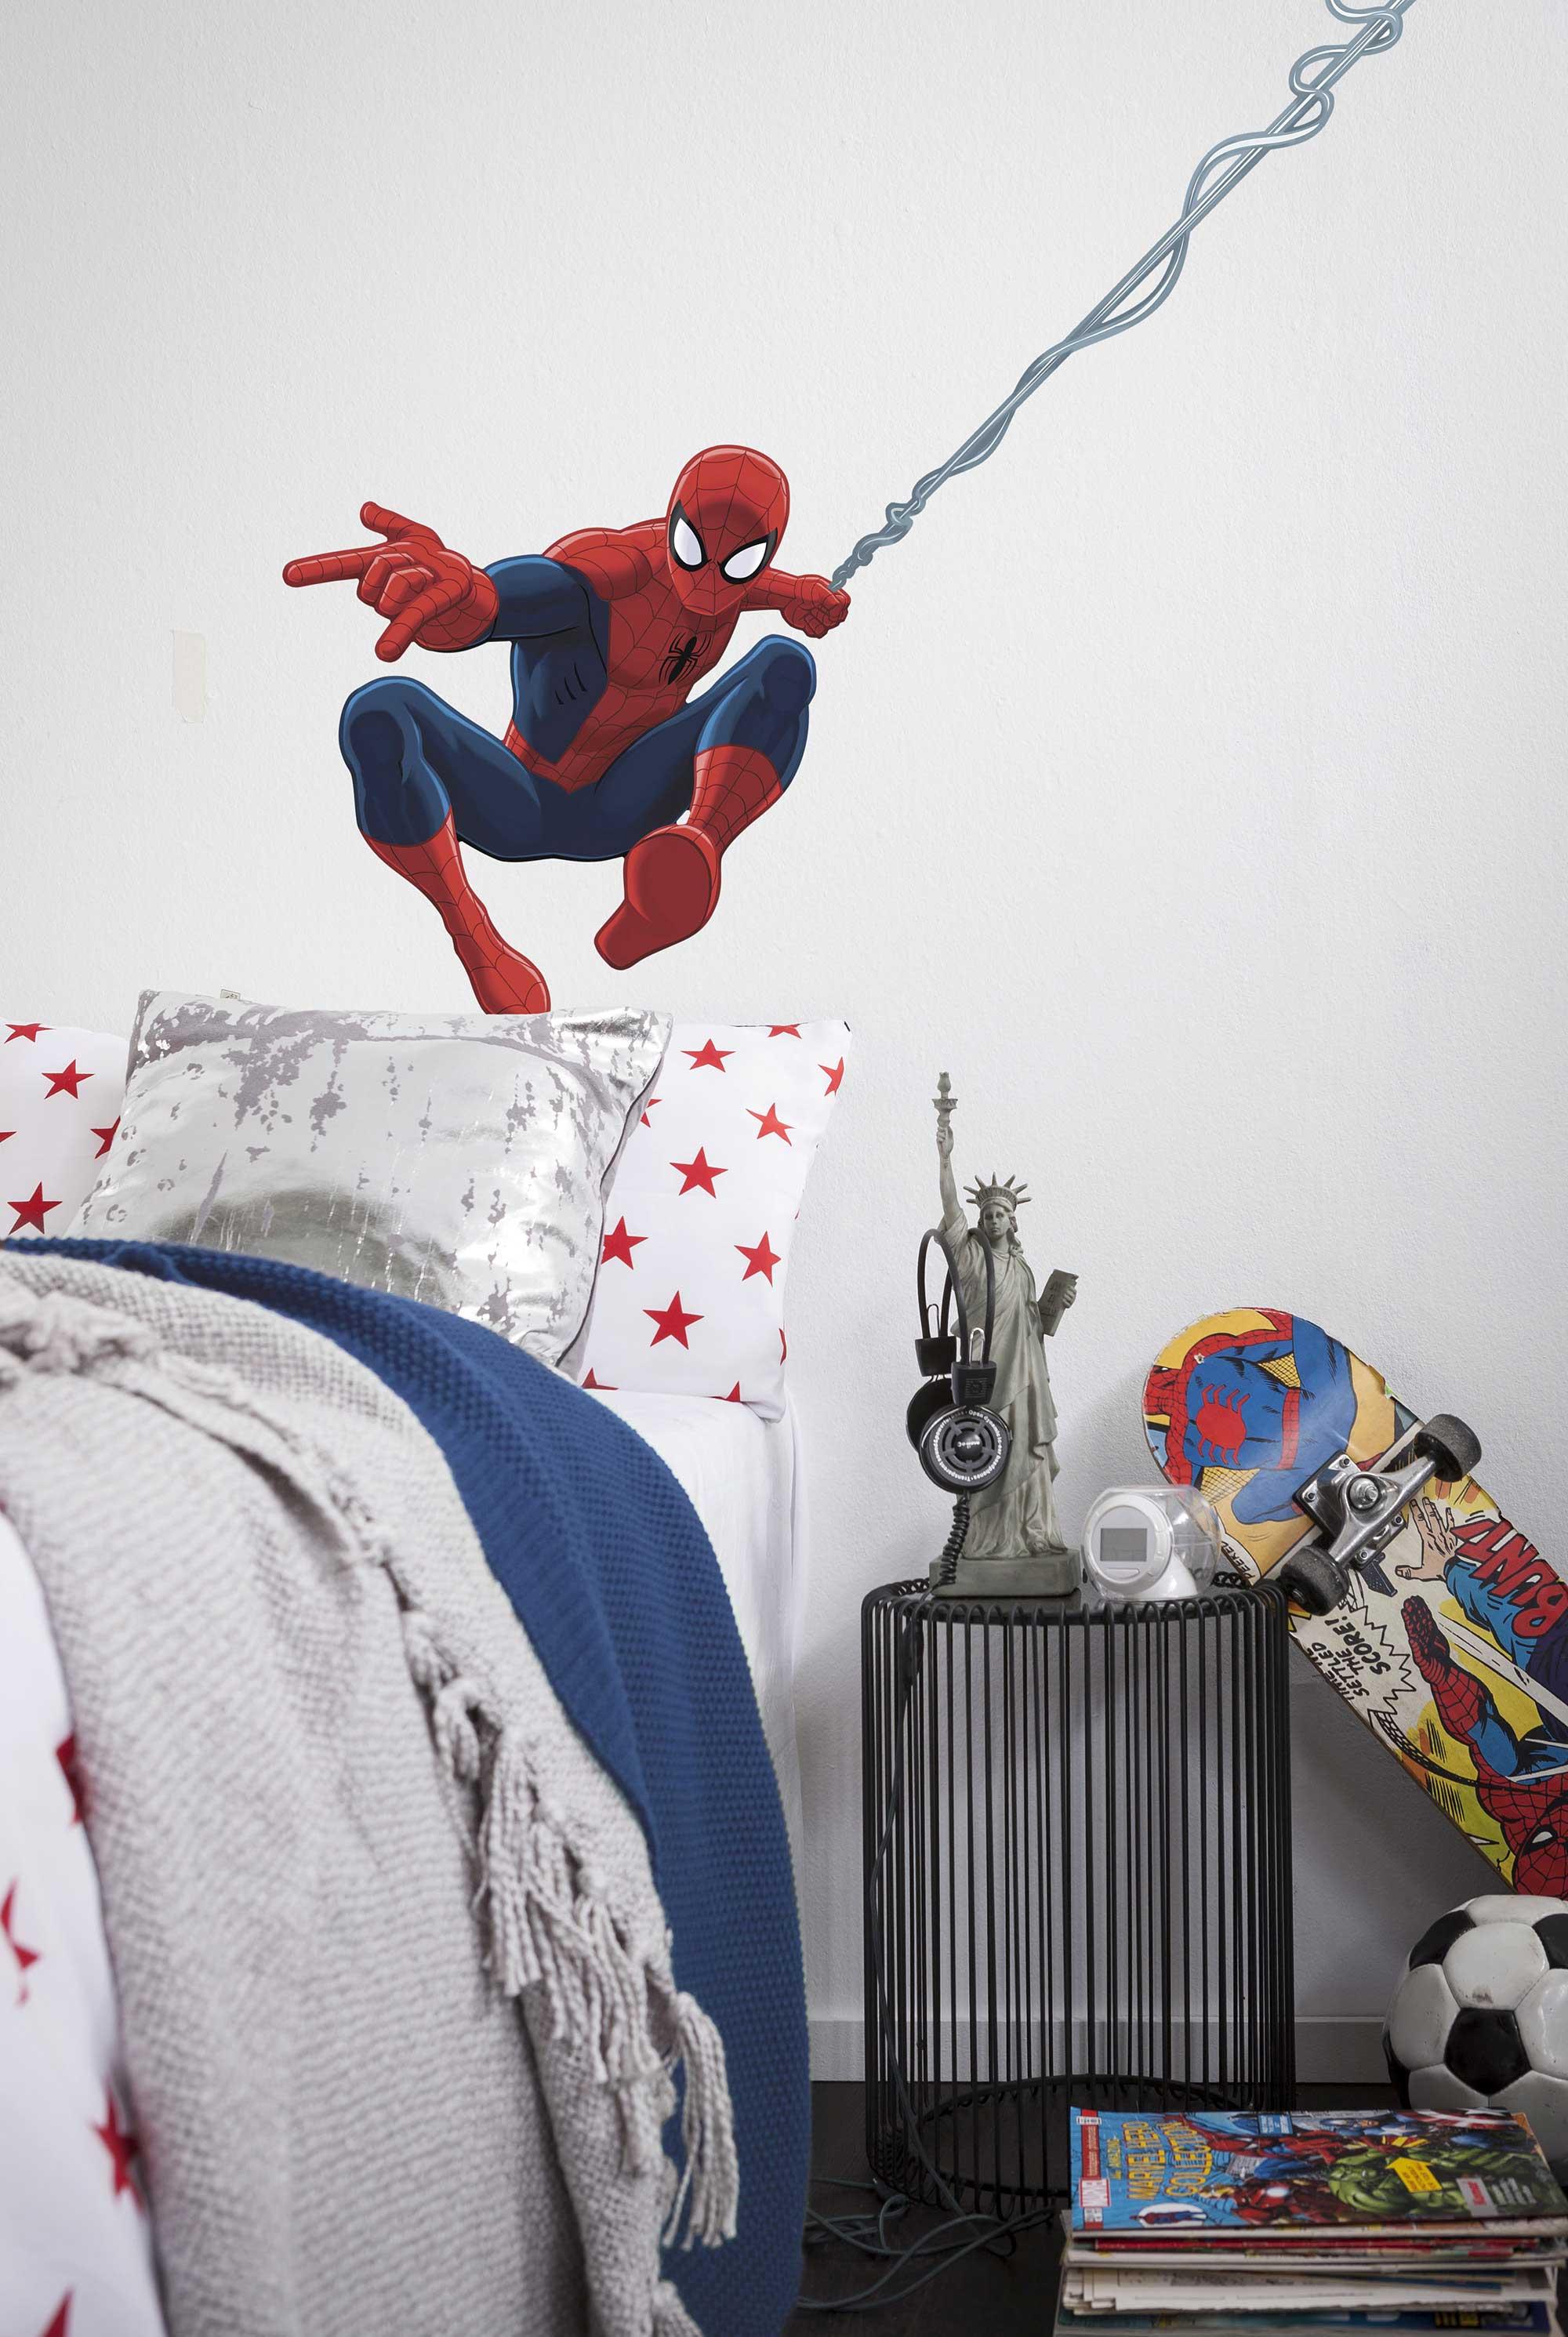 Spiderman Kinderzimmer | Wandtattoo Spiderman Spiderman